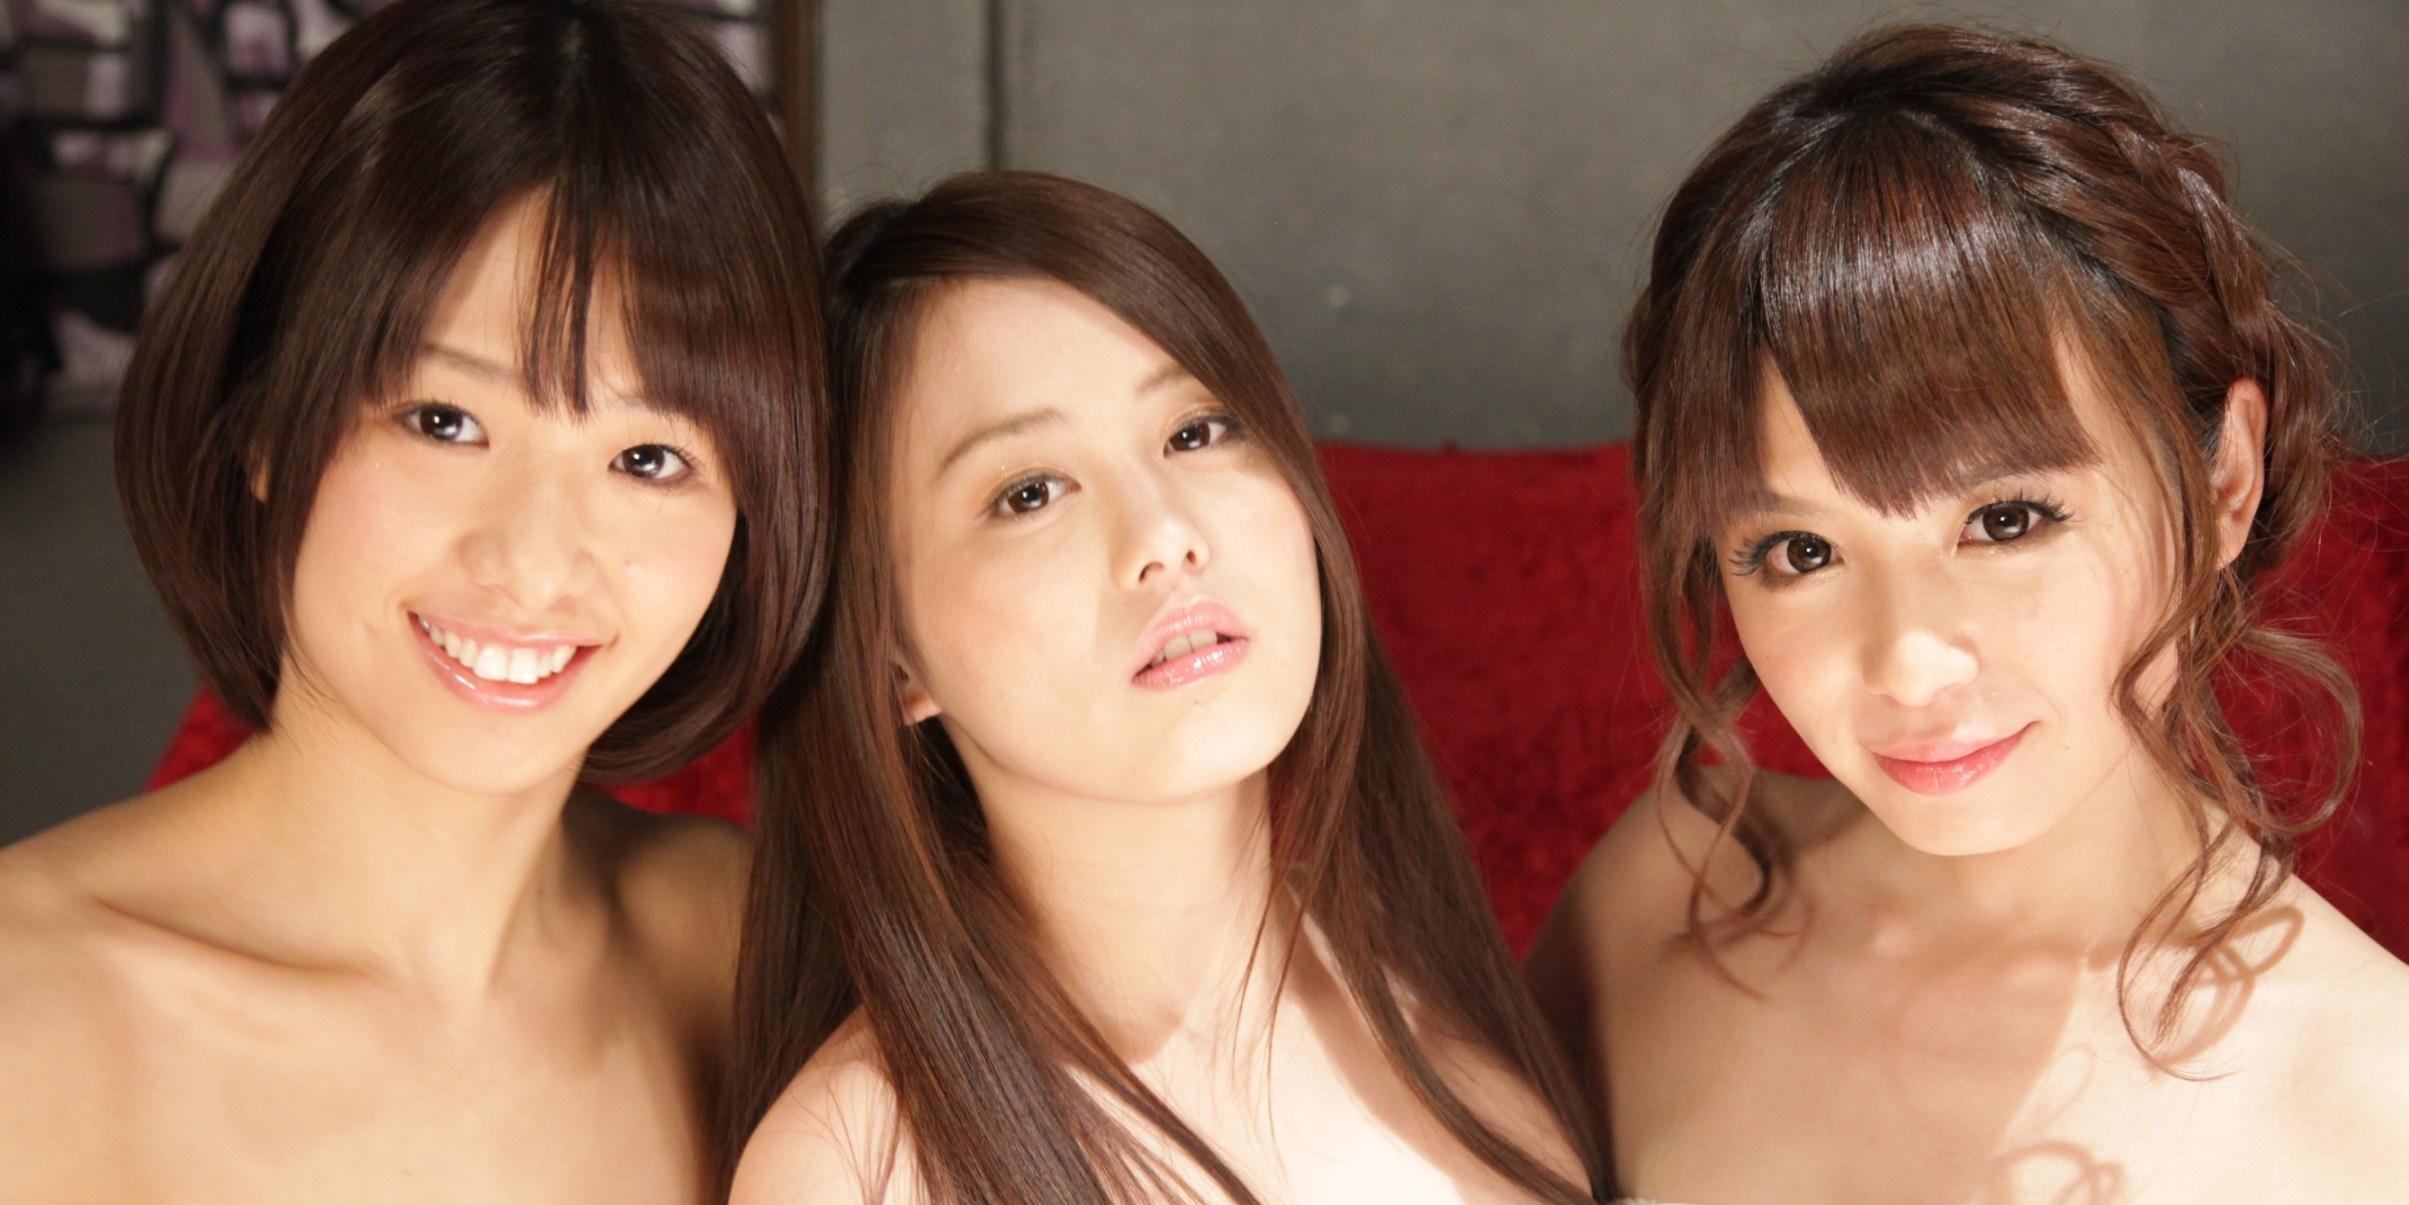 左から 川上奈々美、伊東 紅、栗林里莉 (C)2014 映画『メイクルーム』製作委員会